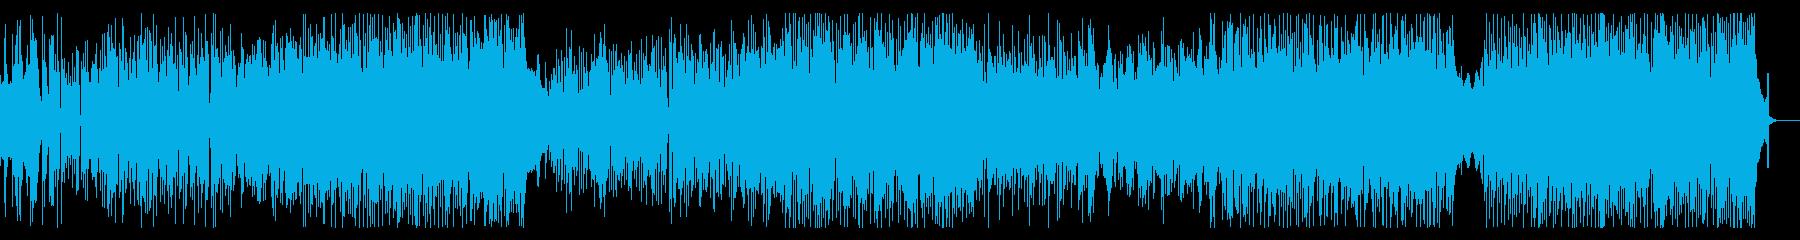 かわいくてキャッチーなピアニカの曲の再生済みの波形